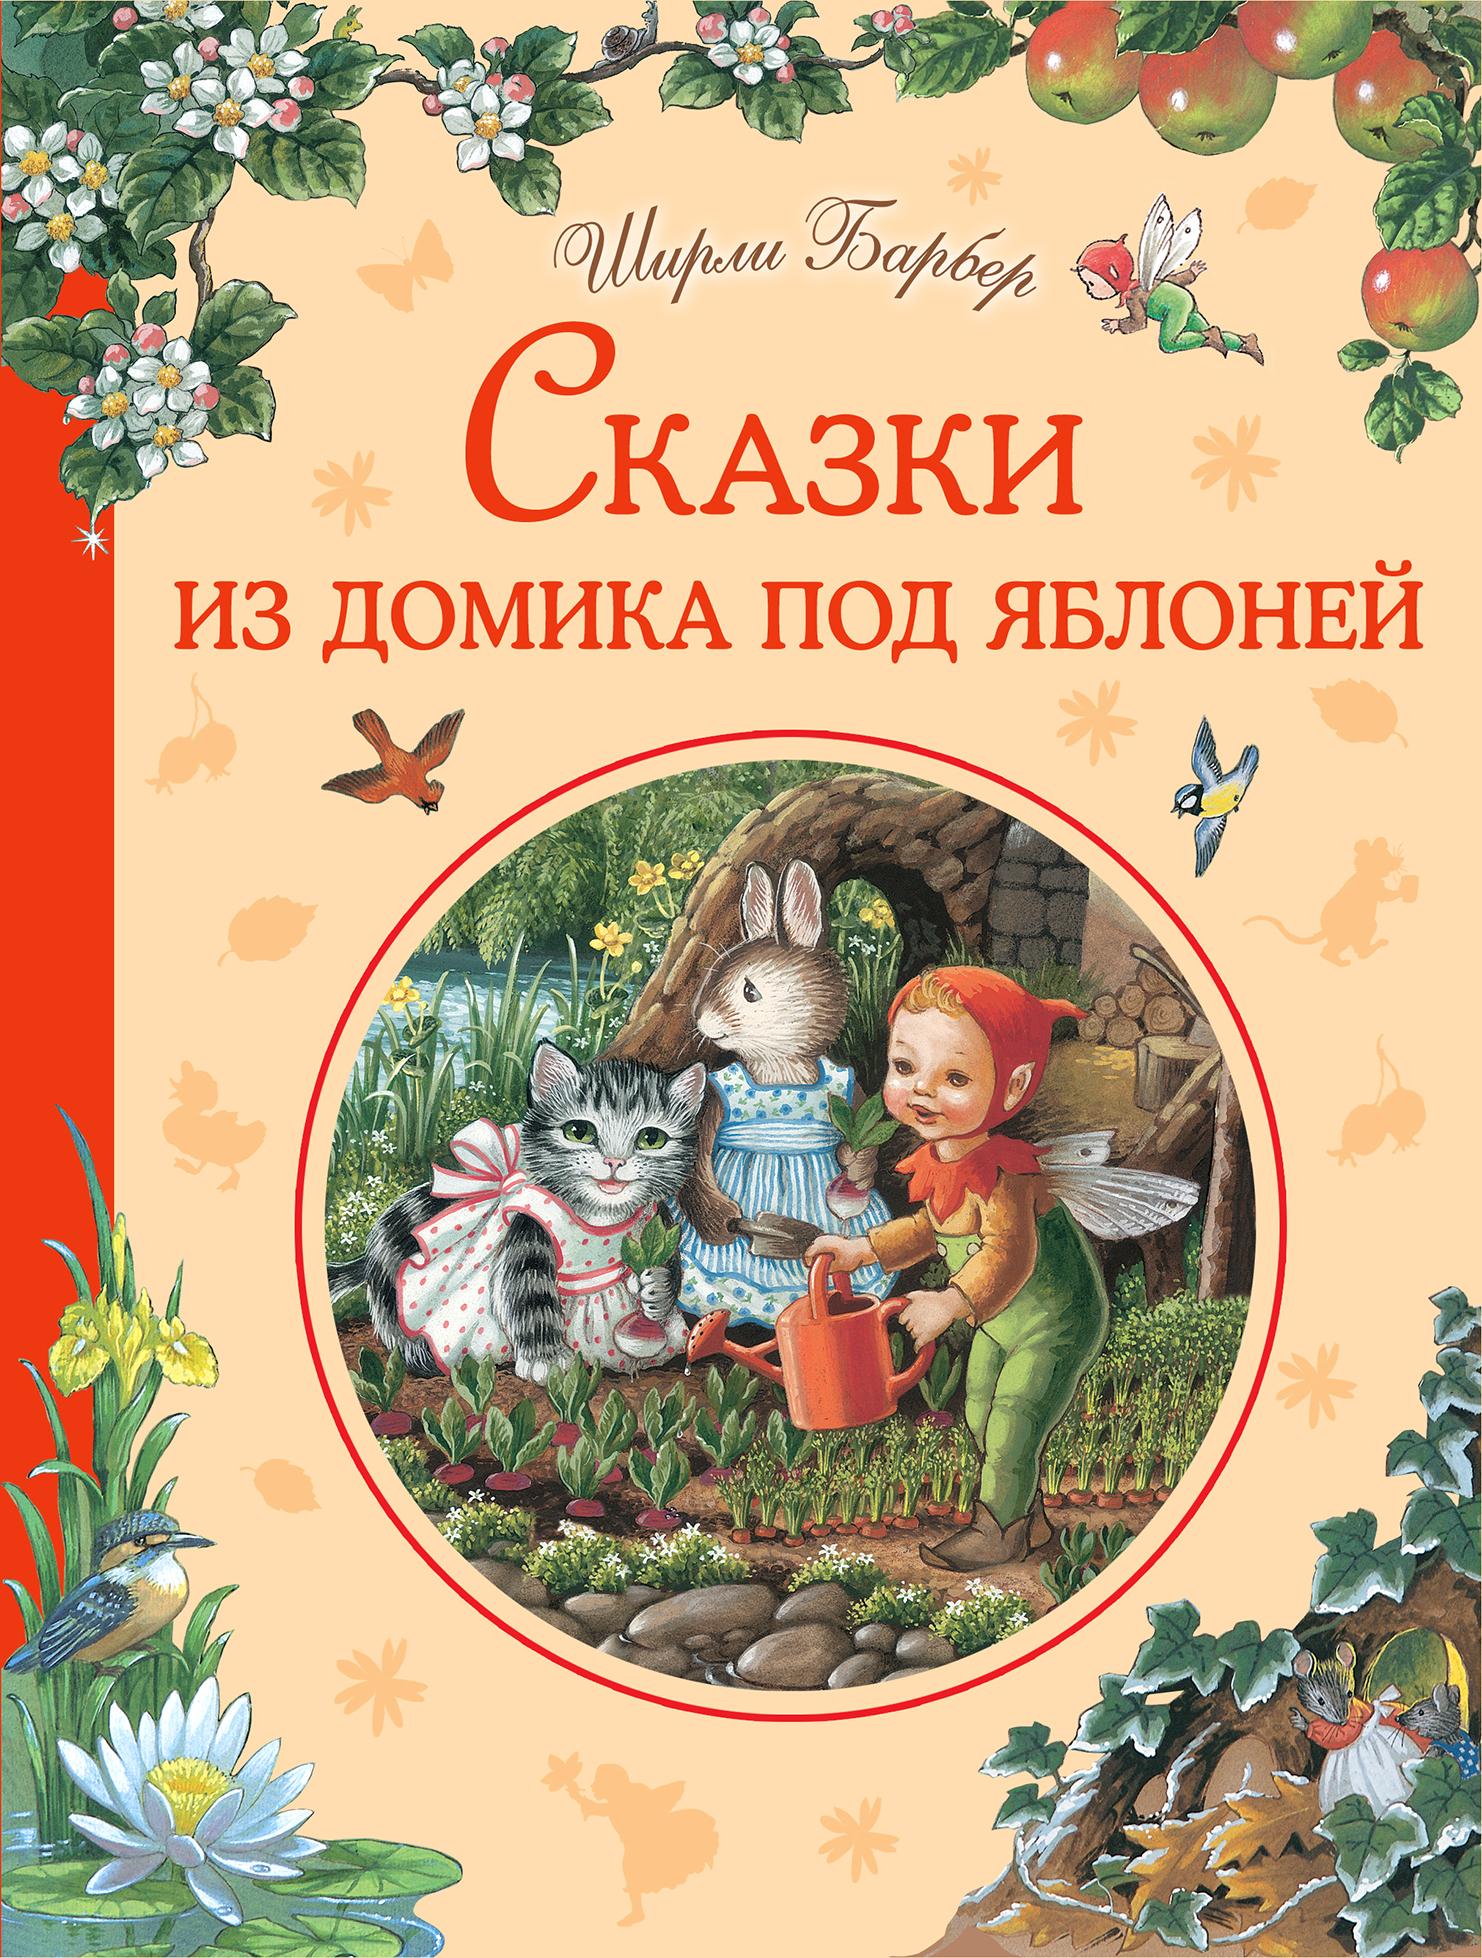 Барбер Ширли Сказки из домика под яблоней ISBN: 978-5-699-90713-7 ширли барбер маленькая фея спешит на помощь